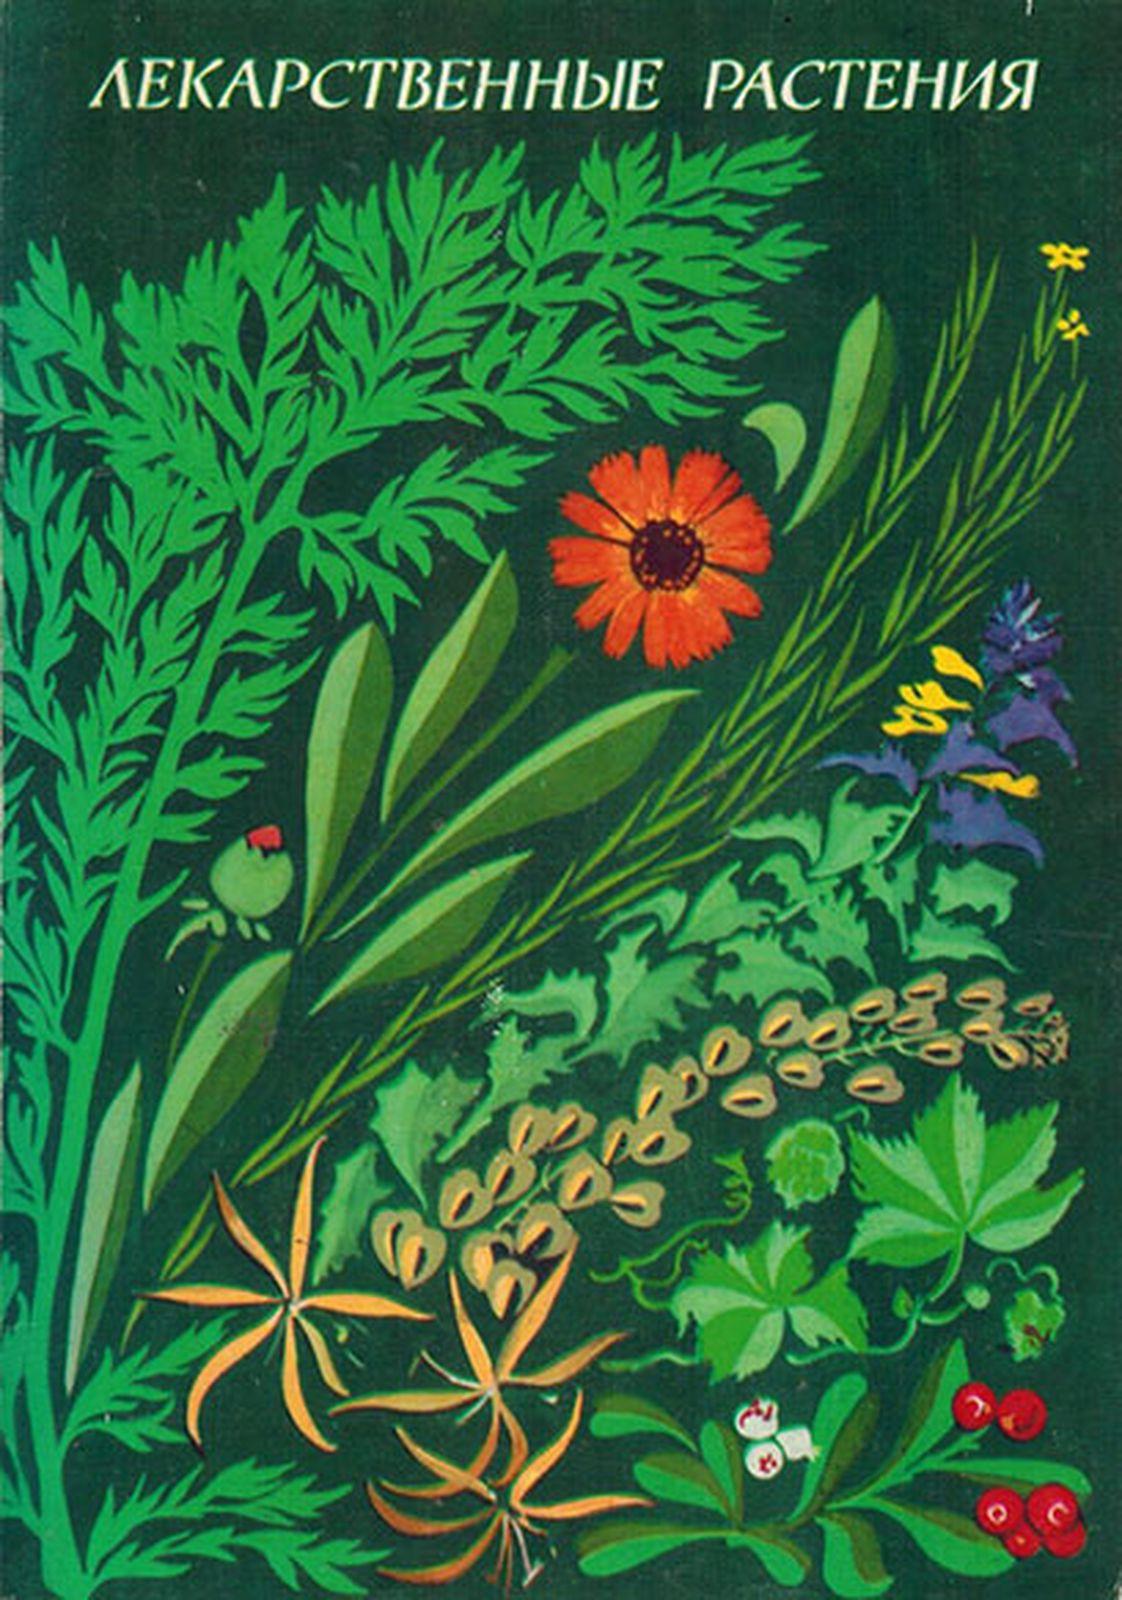 Лекарственные растения. Выпуск 1 (набор из 32 открыток)